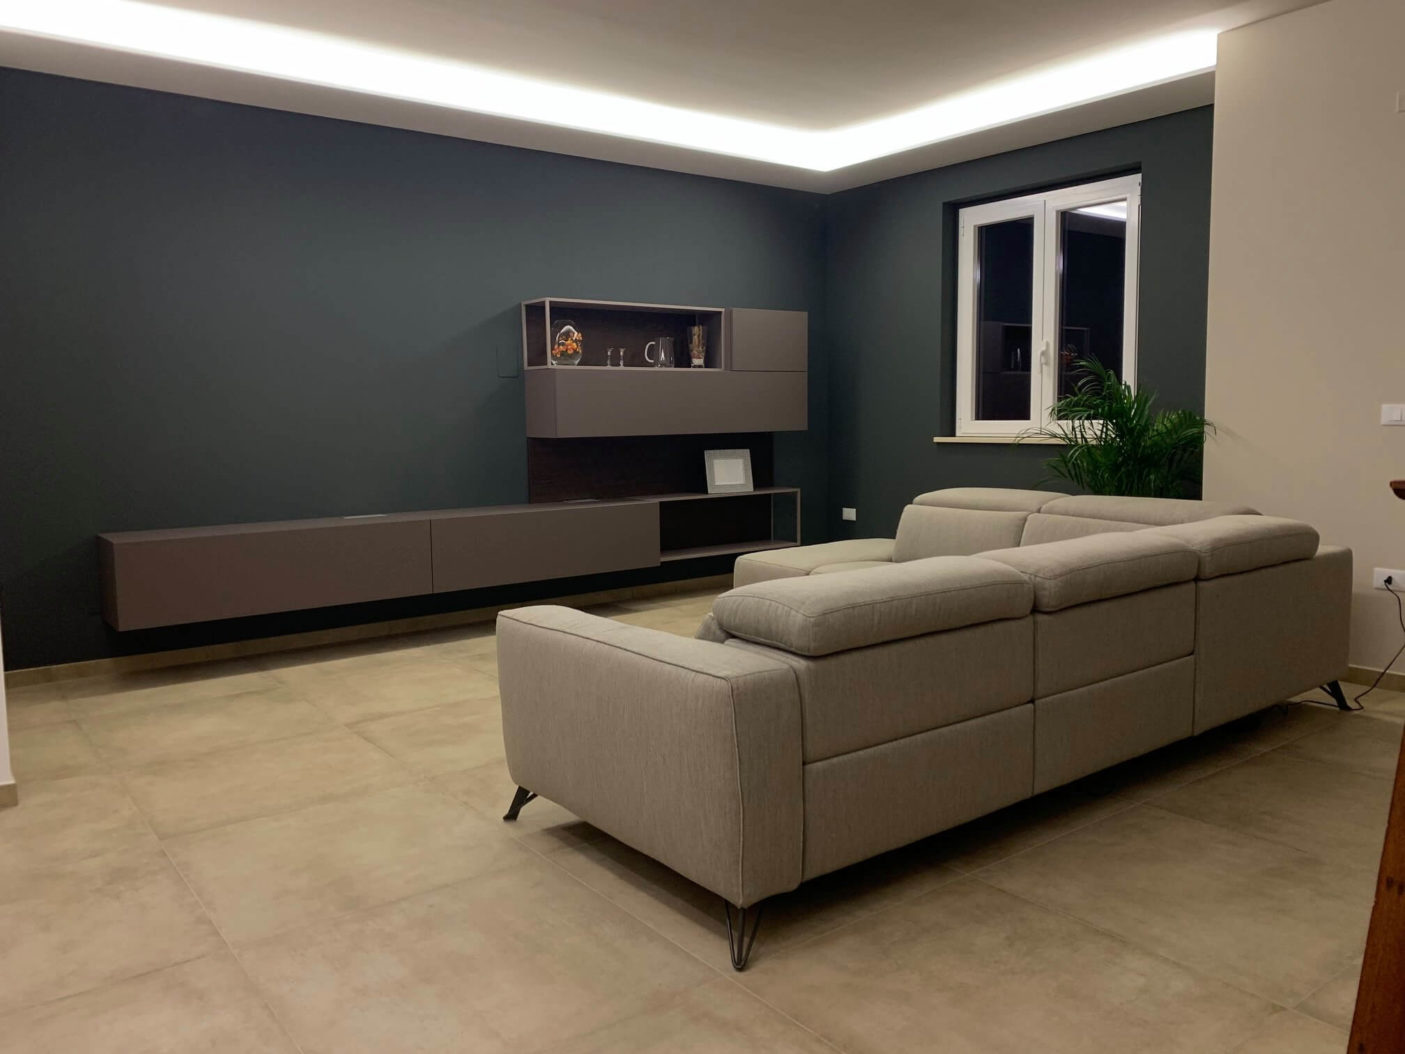 Progetto-di-Interior-Design-Orme-e-Egoitaliano4.jpg